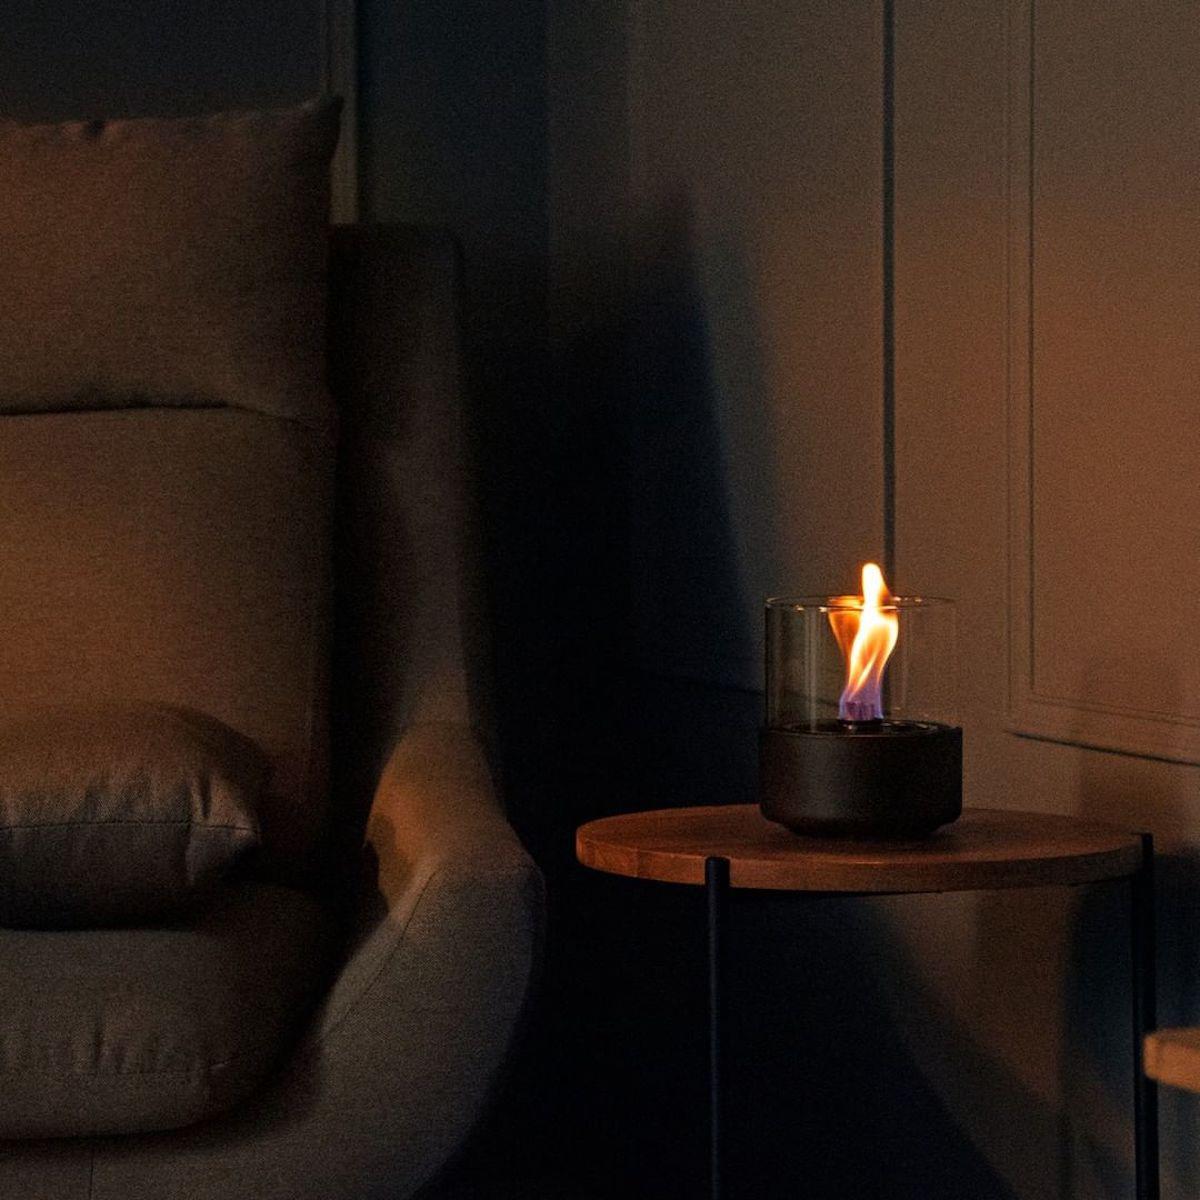 ホームパーティでは、テーブルを華やかに彩り、会話を盛り上げてくれるはず。ニオイや煙が出ず、倒しても安心の特殊燃料で手軽に楽しめる!「卓上ランプ、テーブルライト」|LOVINFLAME(ラヴィンフレーム)